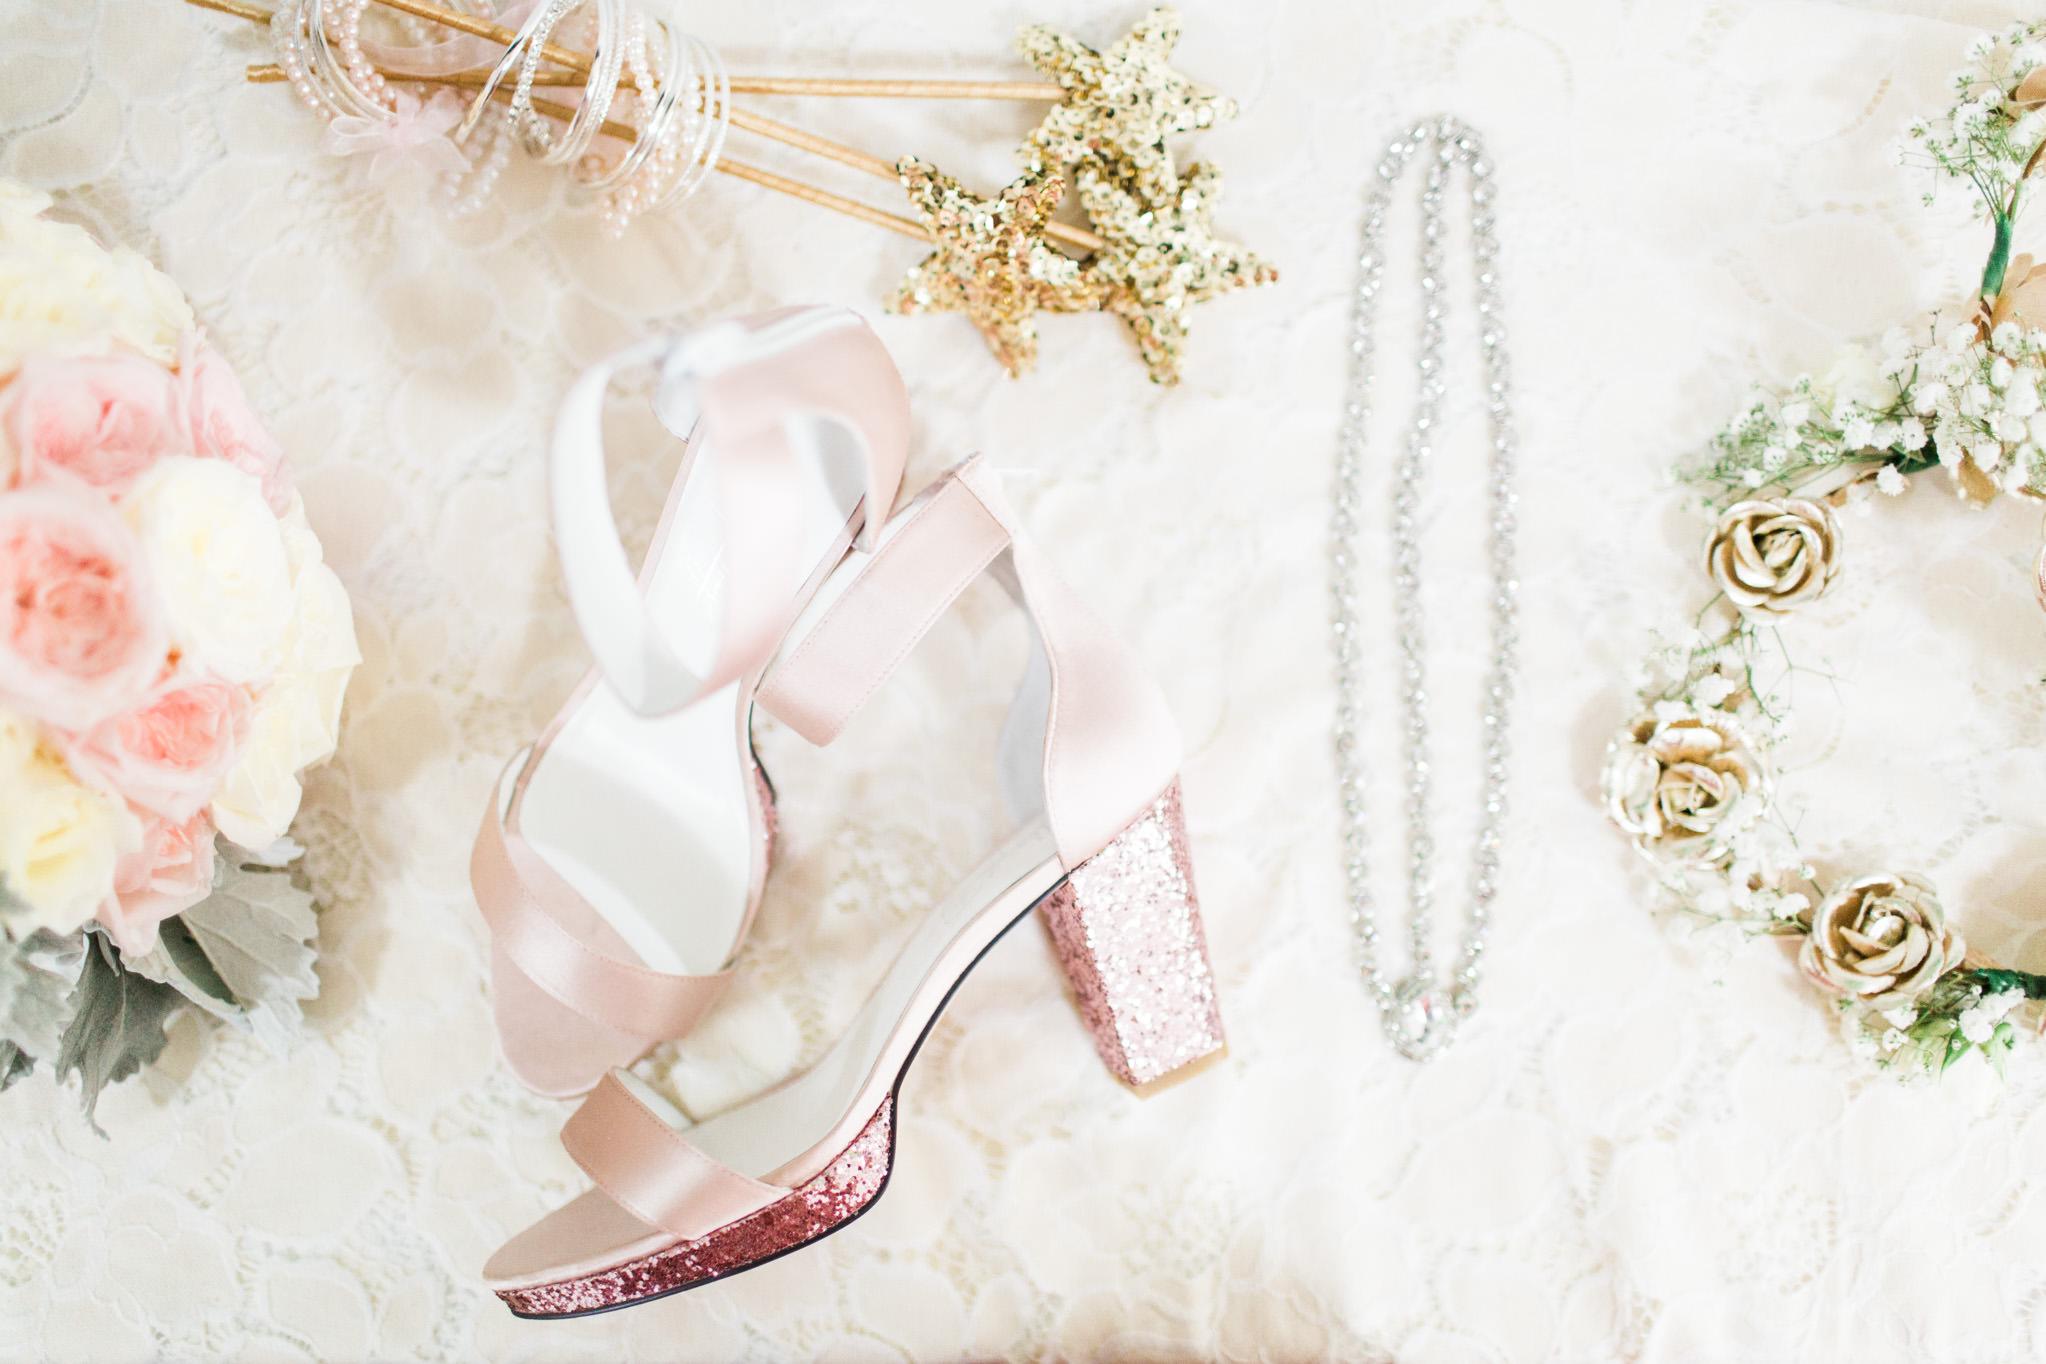 WeddingPhotos_Facebook_2046pixels-1072.jpg